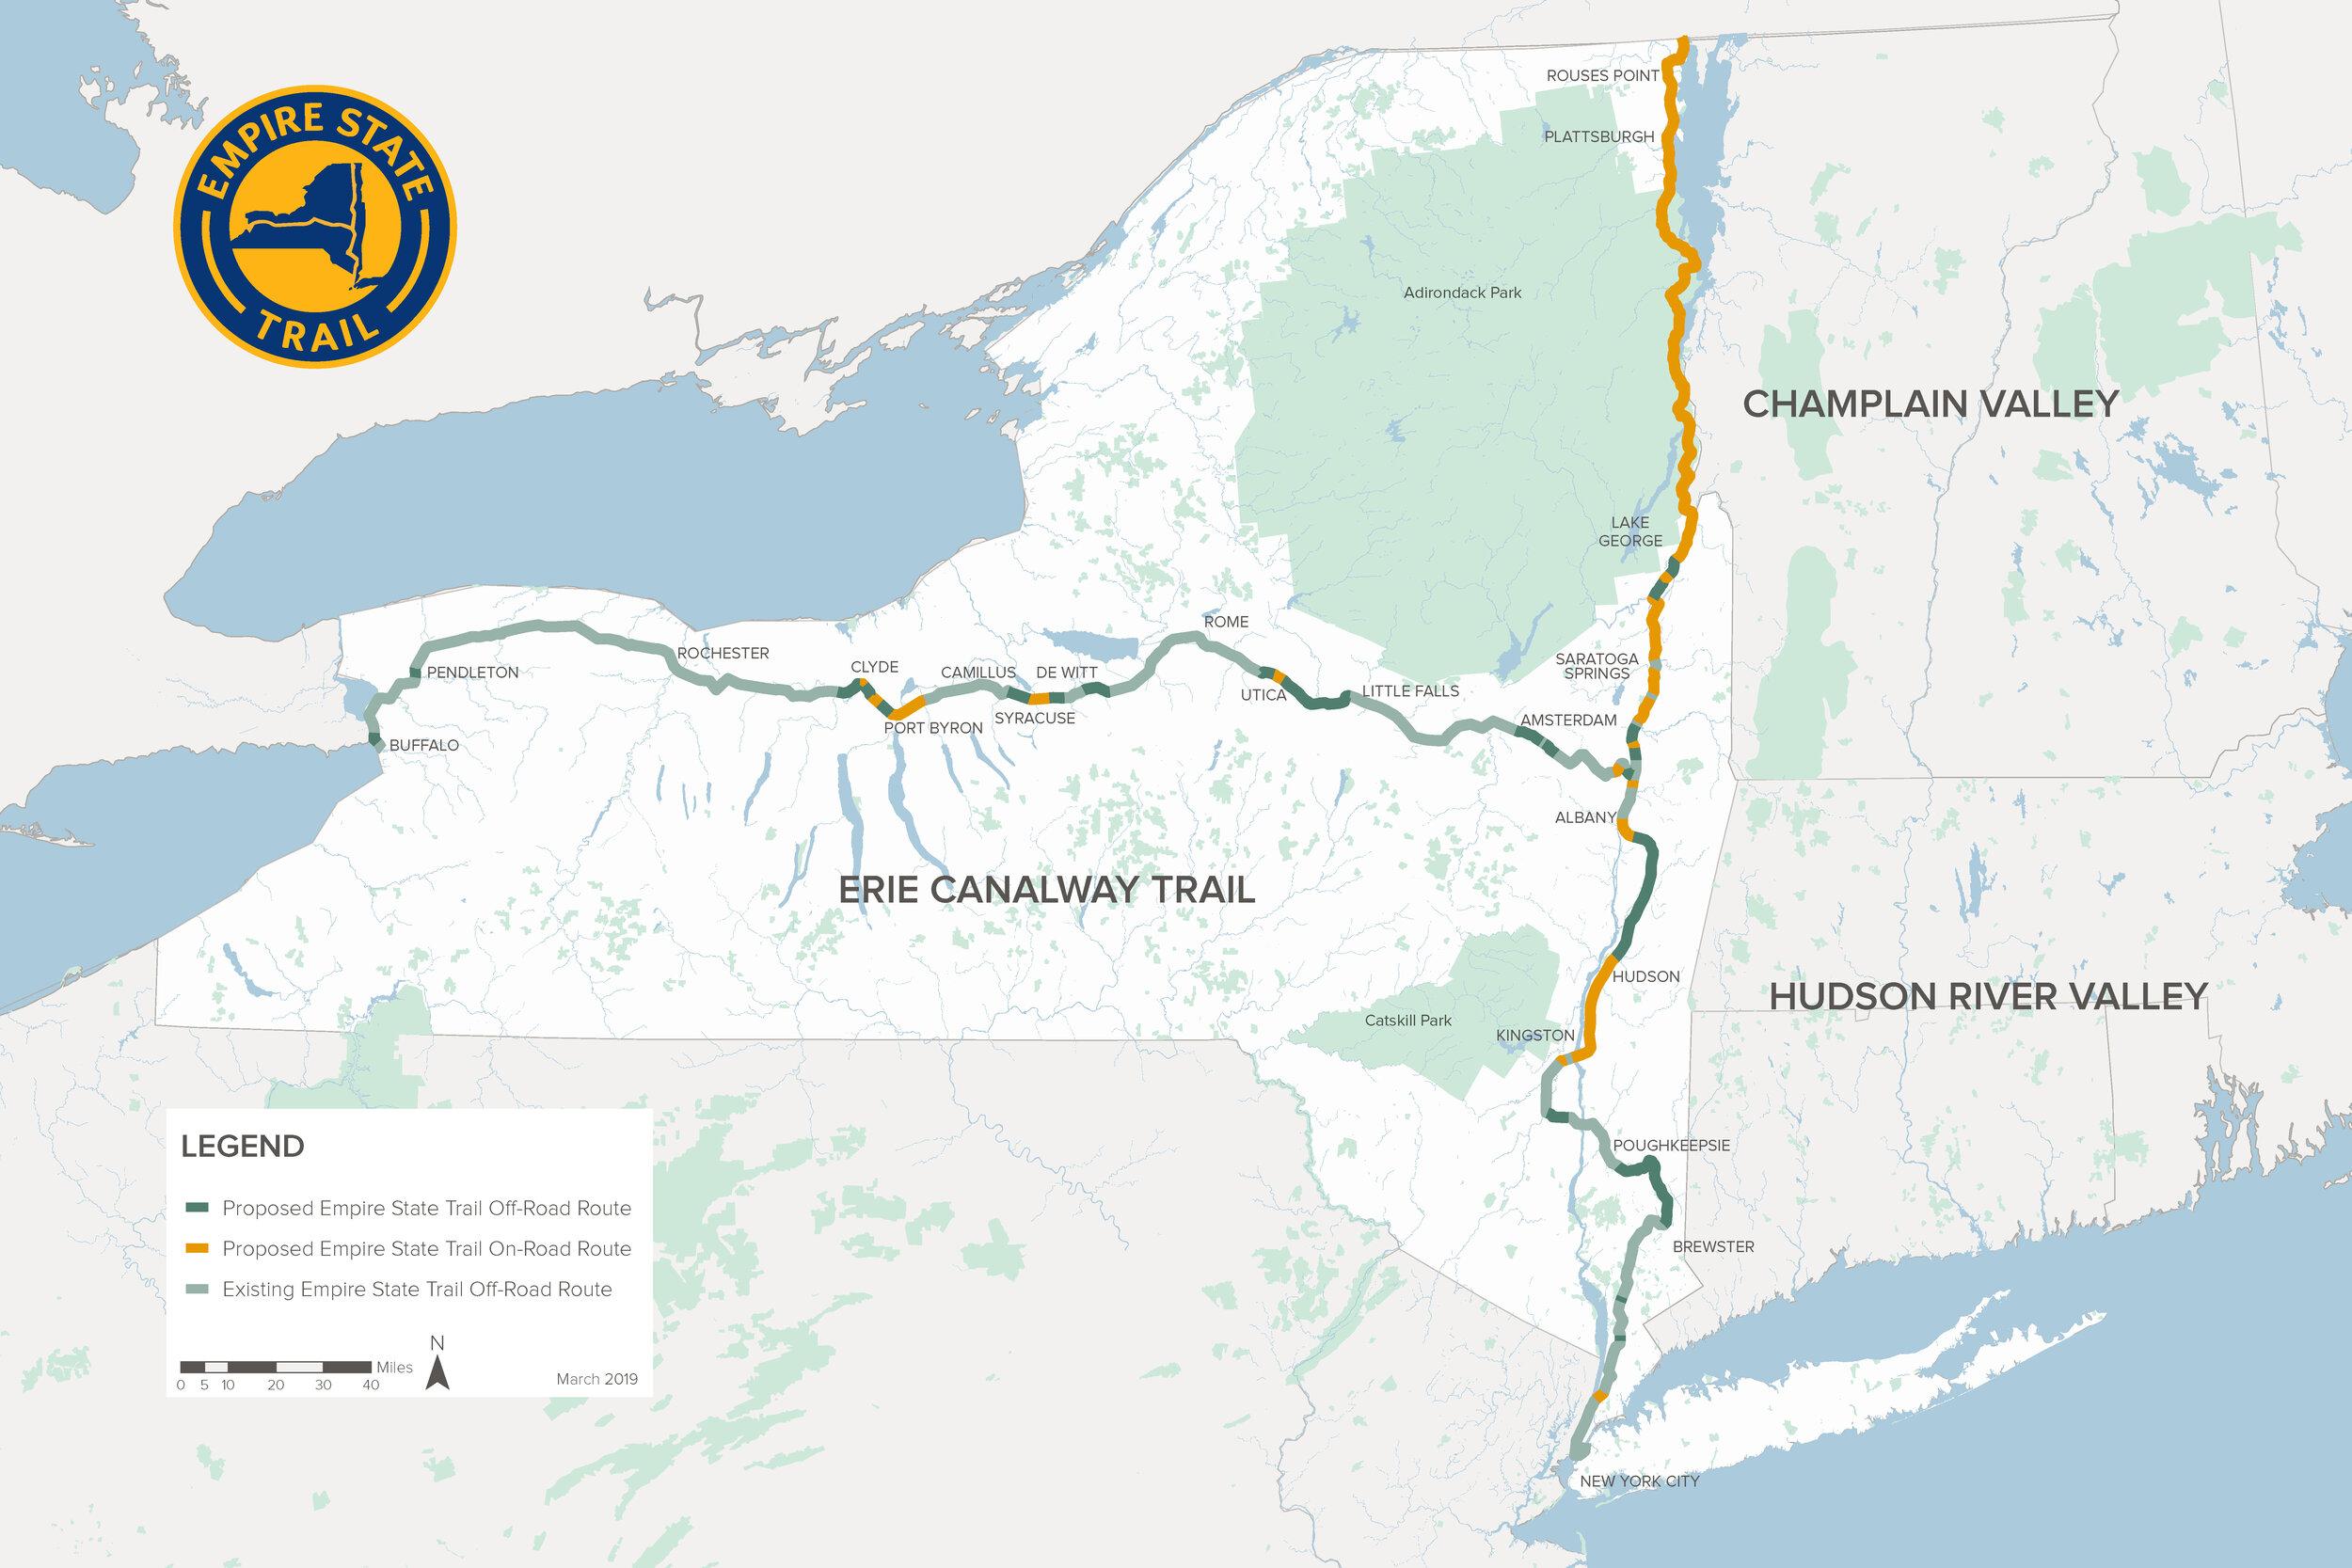 EST_Statewide_Map_3.2019.jpg